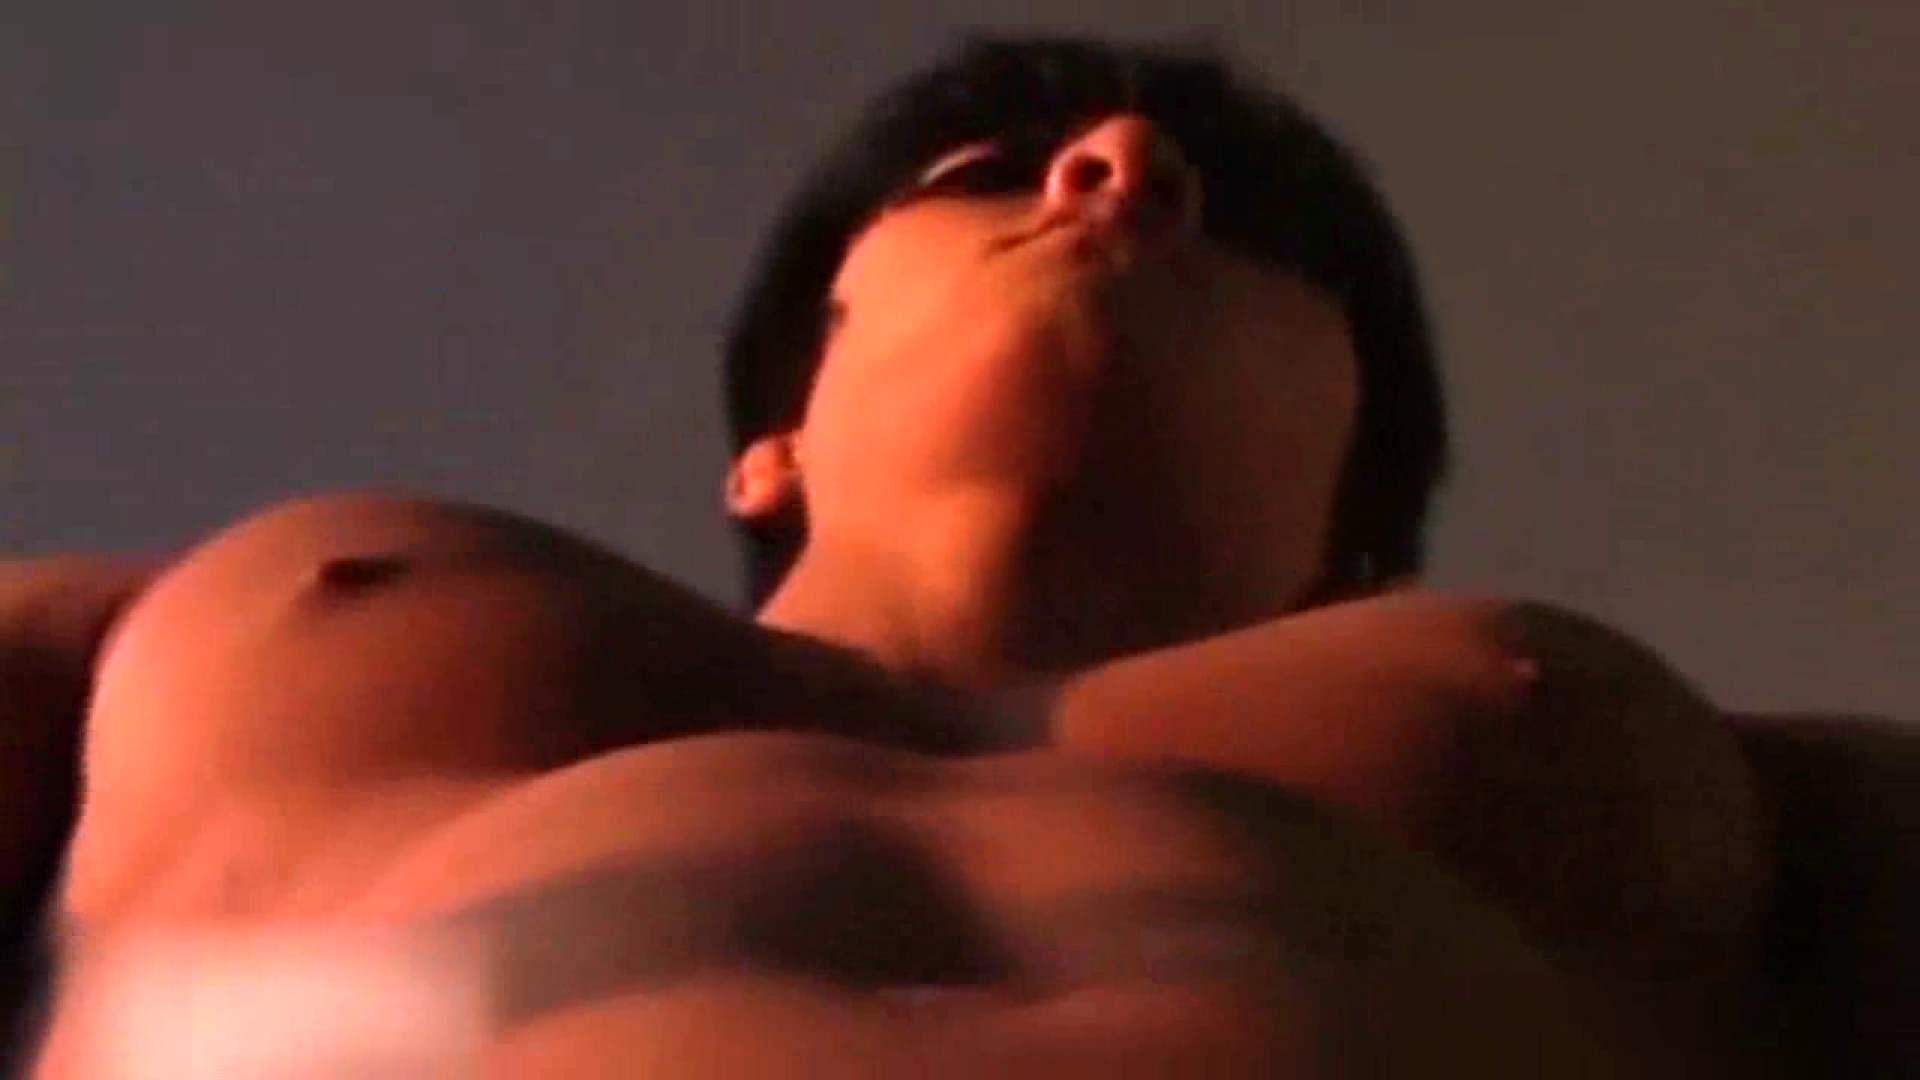 イケメンマッチョの「俺のオナニー!」 オナニー専門男子 ゲイアダルトビデオ画像 71画像 38